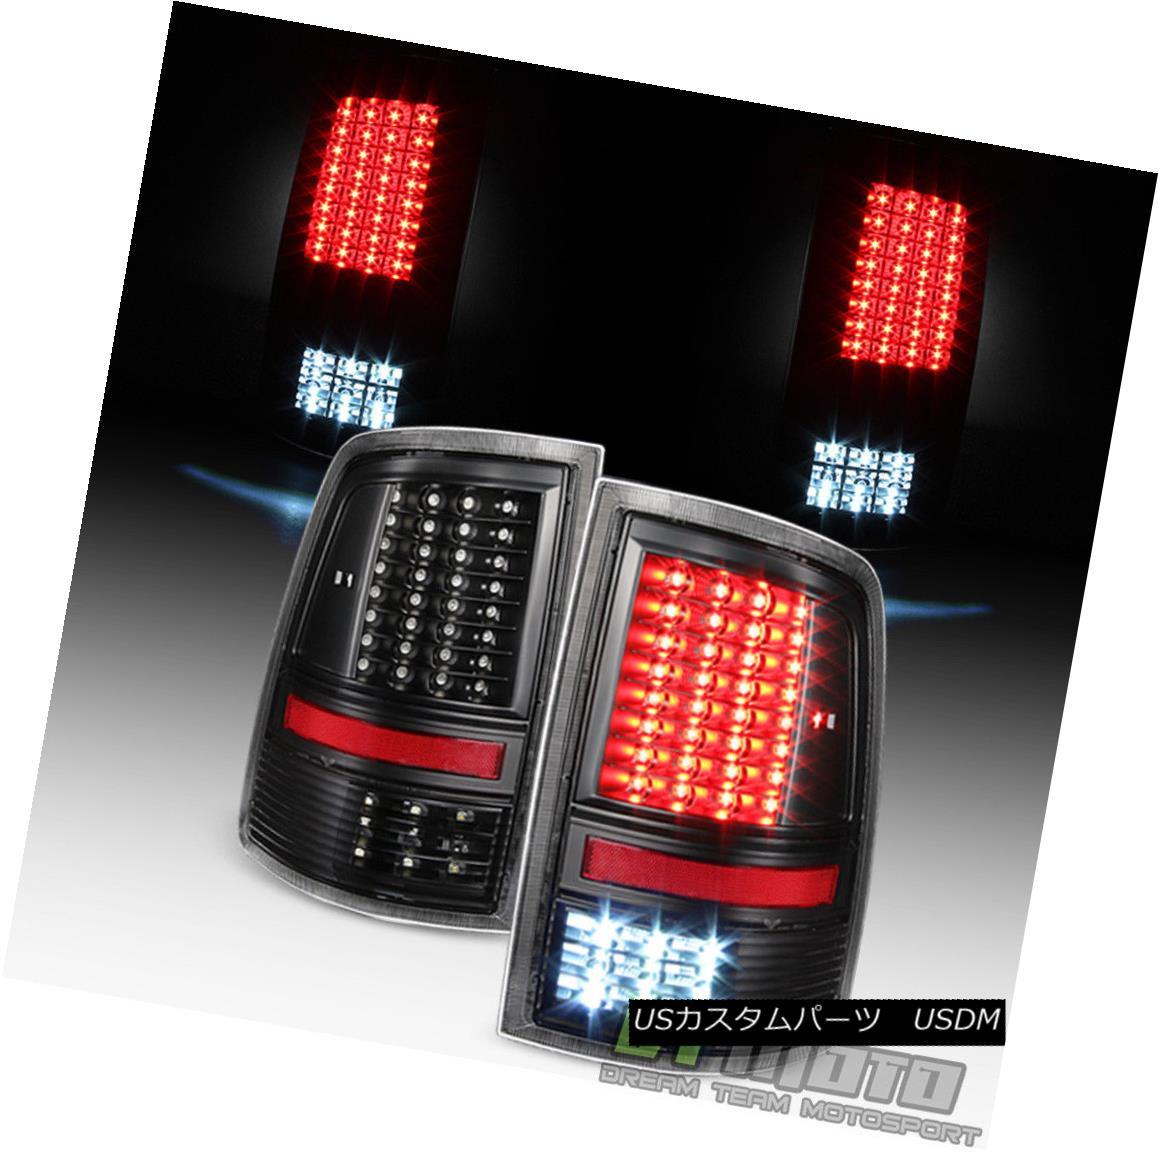 テールライト Black 2009-2017 Dodge Ram 1500 10-17 2500 3500 Full LED Tail Lights Brake Lamps ブラック2009-2017 Dodge Ram 1500 10-17 2500 3500フルLEDテールライトブレーキランプ